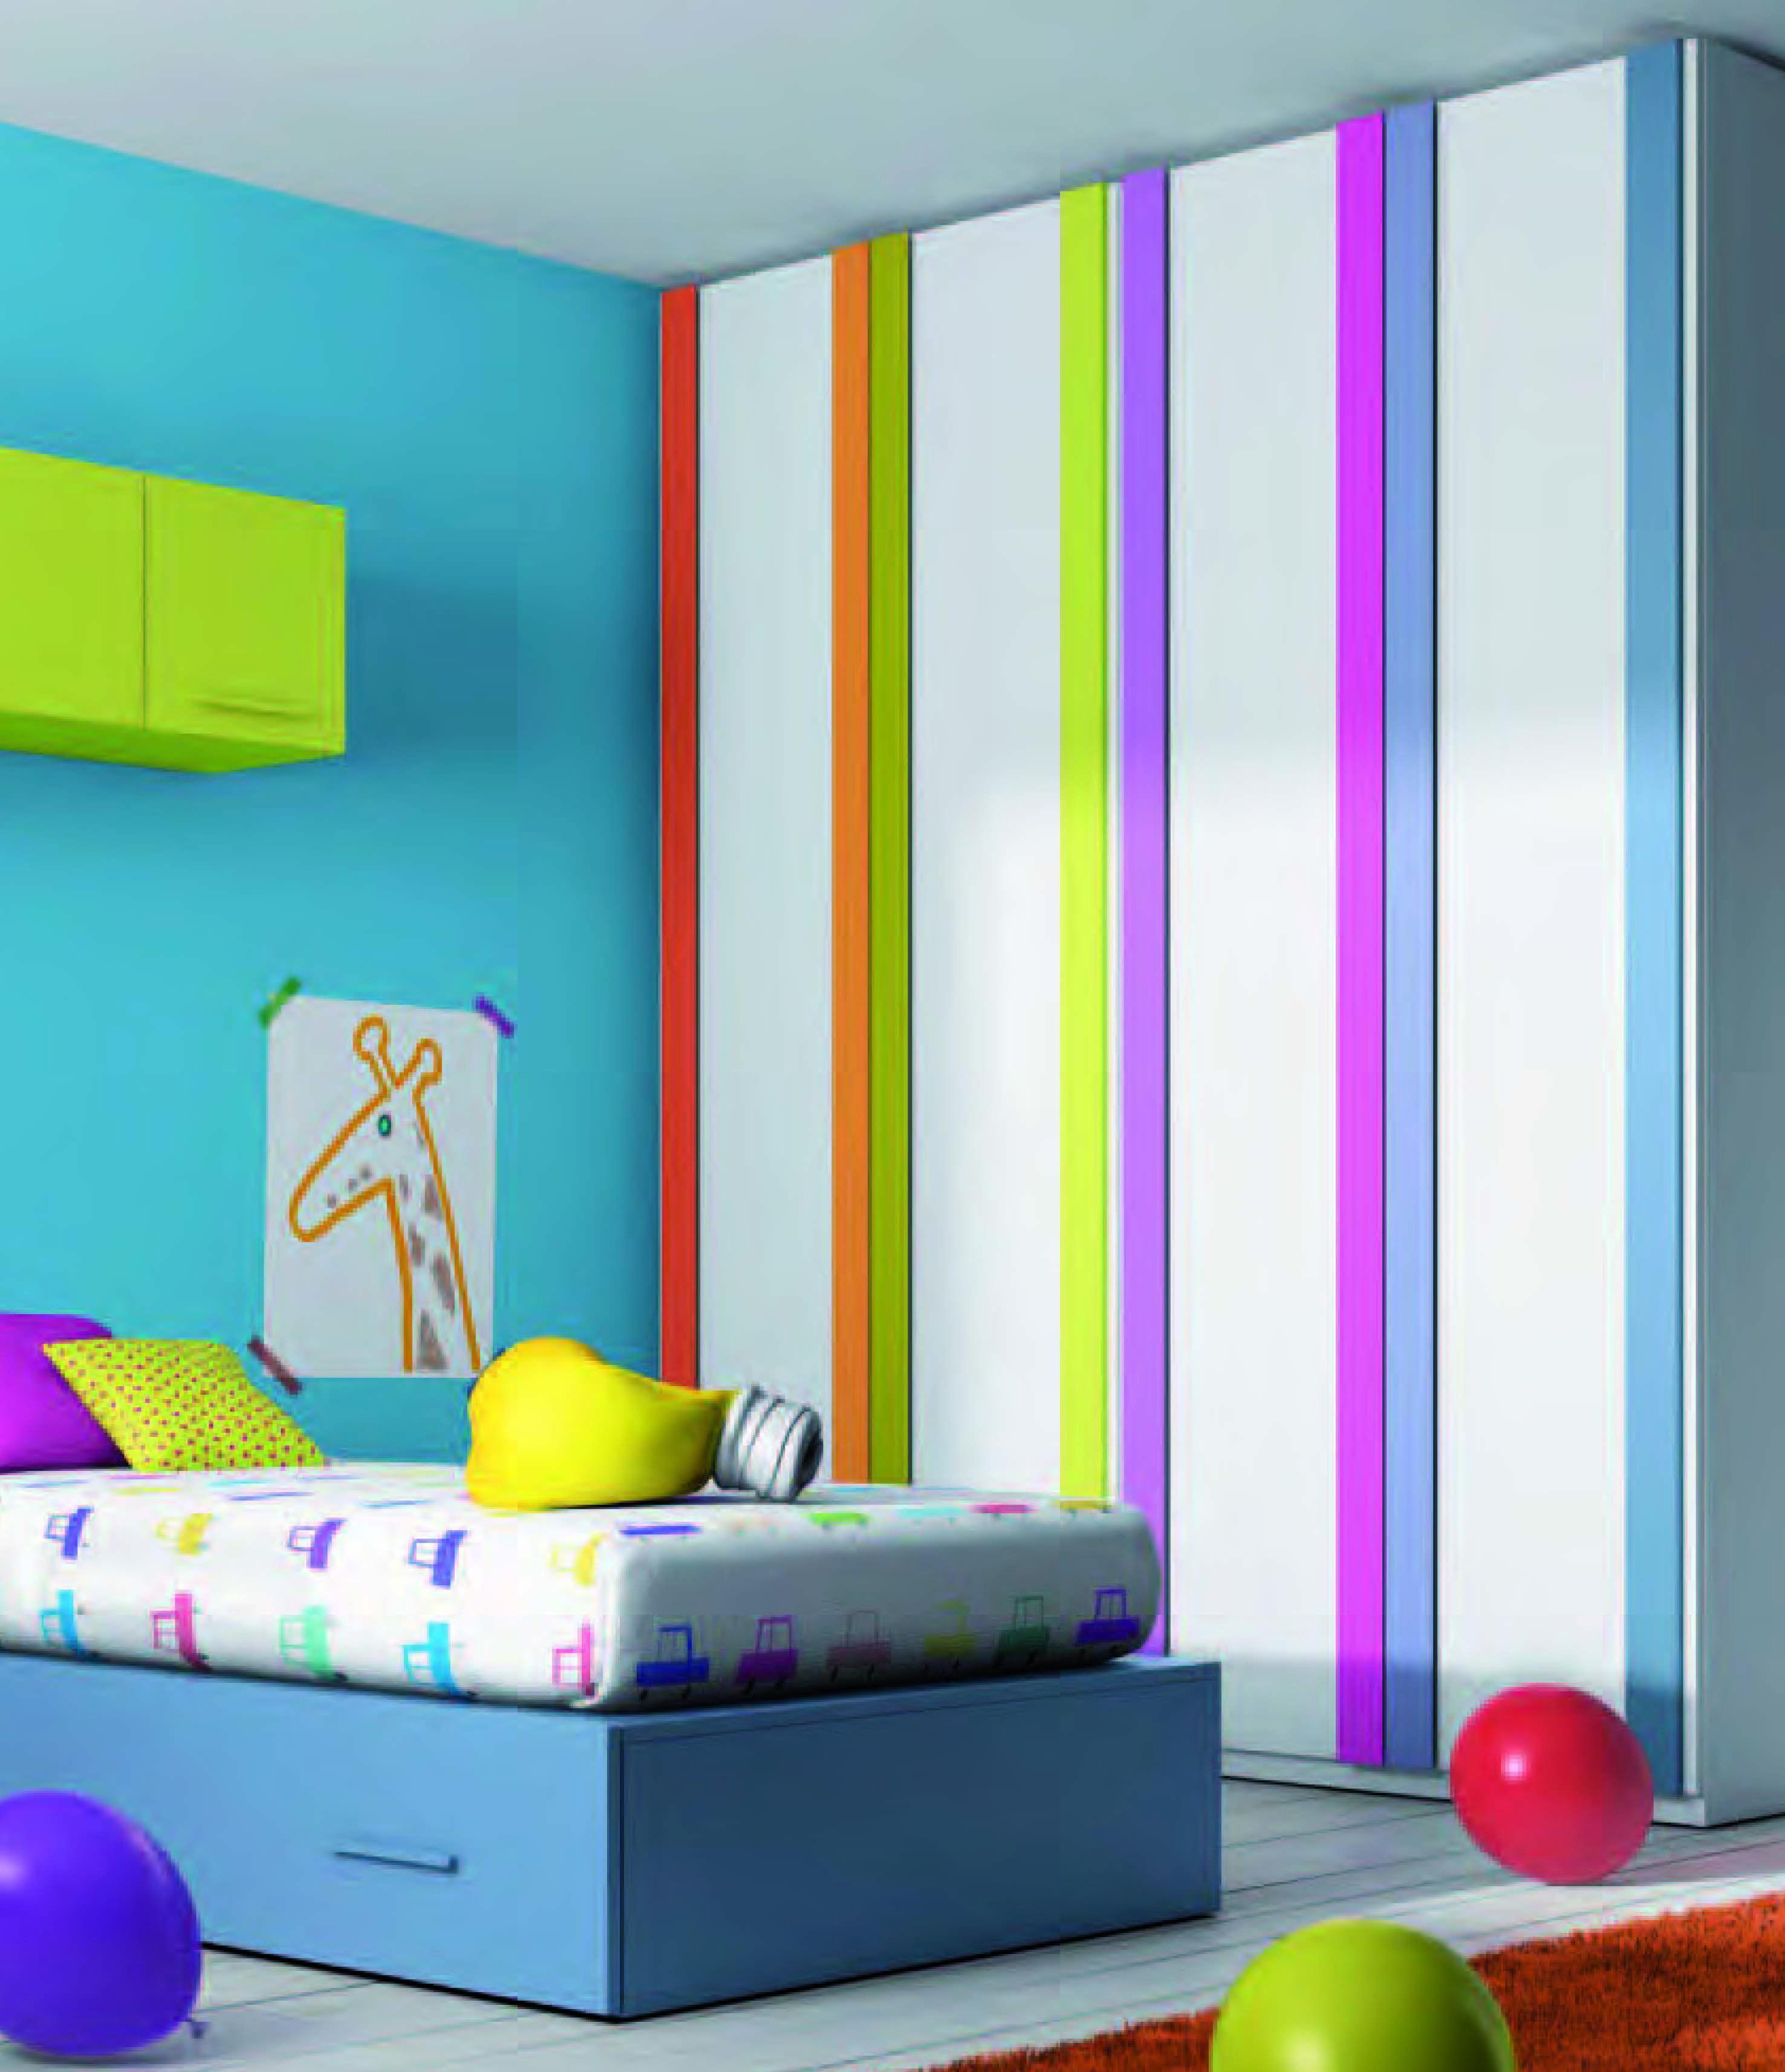 Armario con bandas de colores para dormitorios infantiles o ...